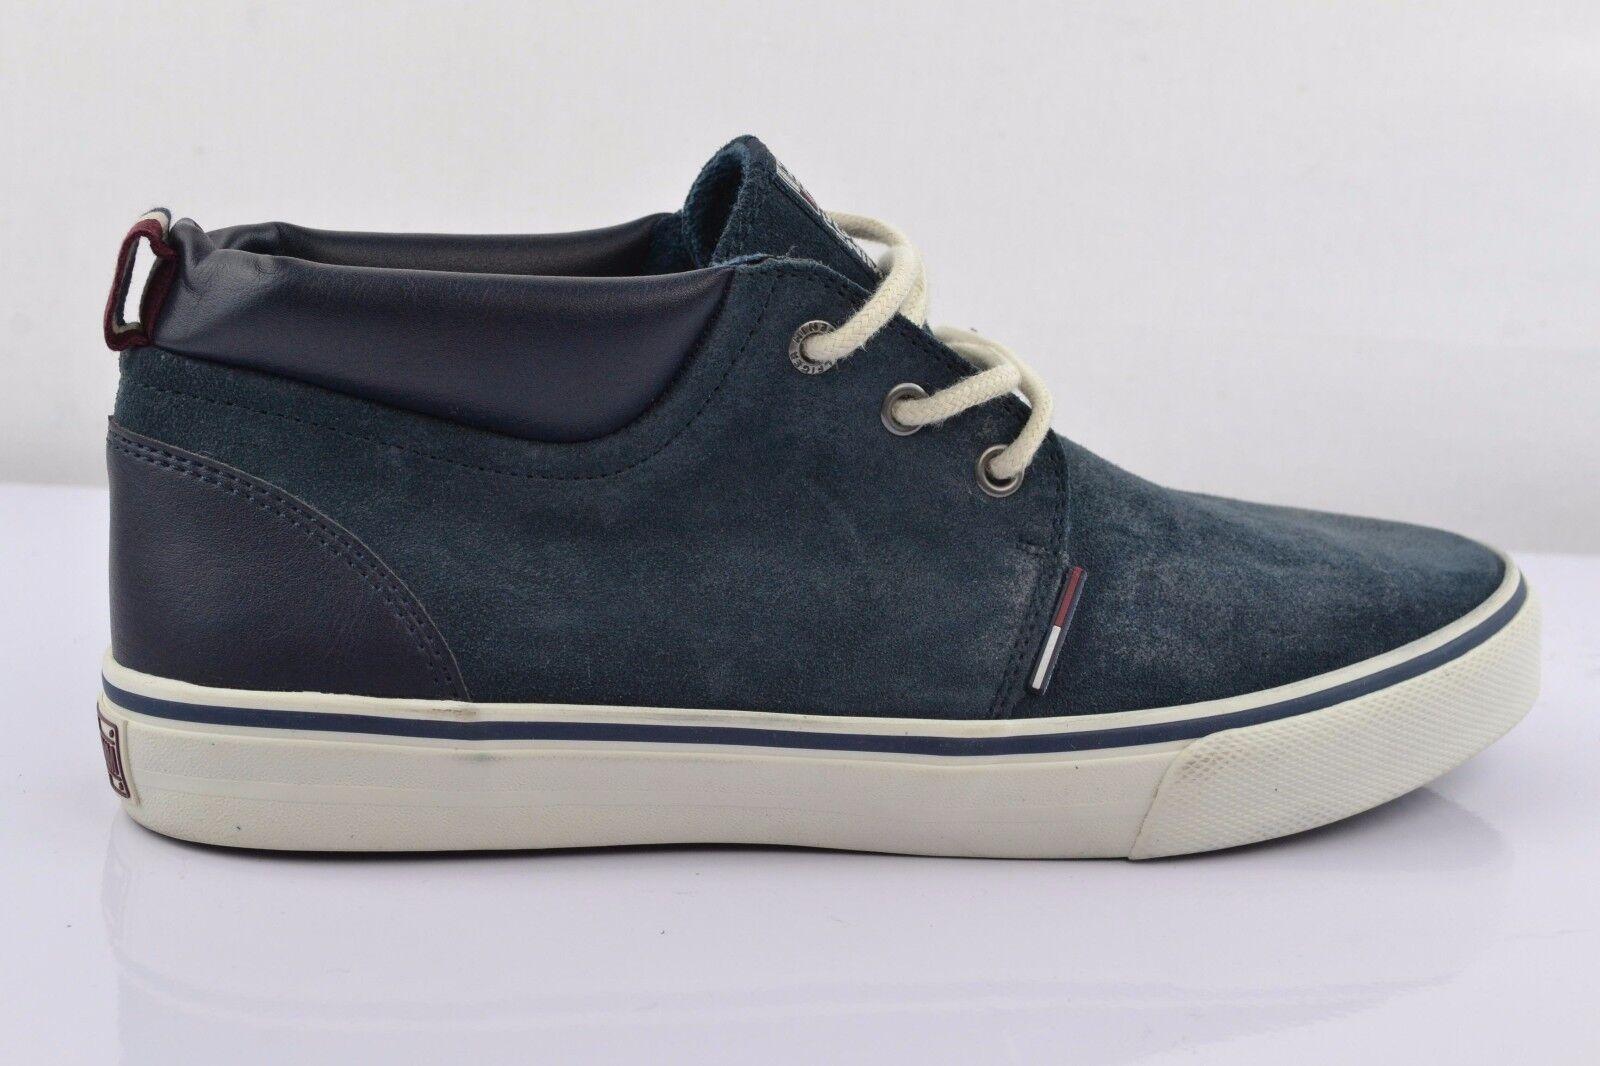 Tommy Hilfiger Vic 5B Blu Scarpe Sneakers Tgl 42 Uomo Man Scarpe classiche da uomo